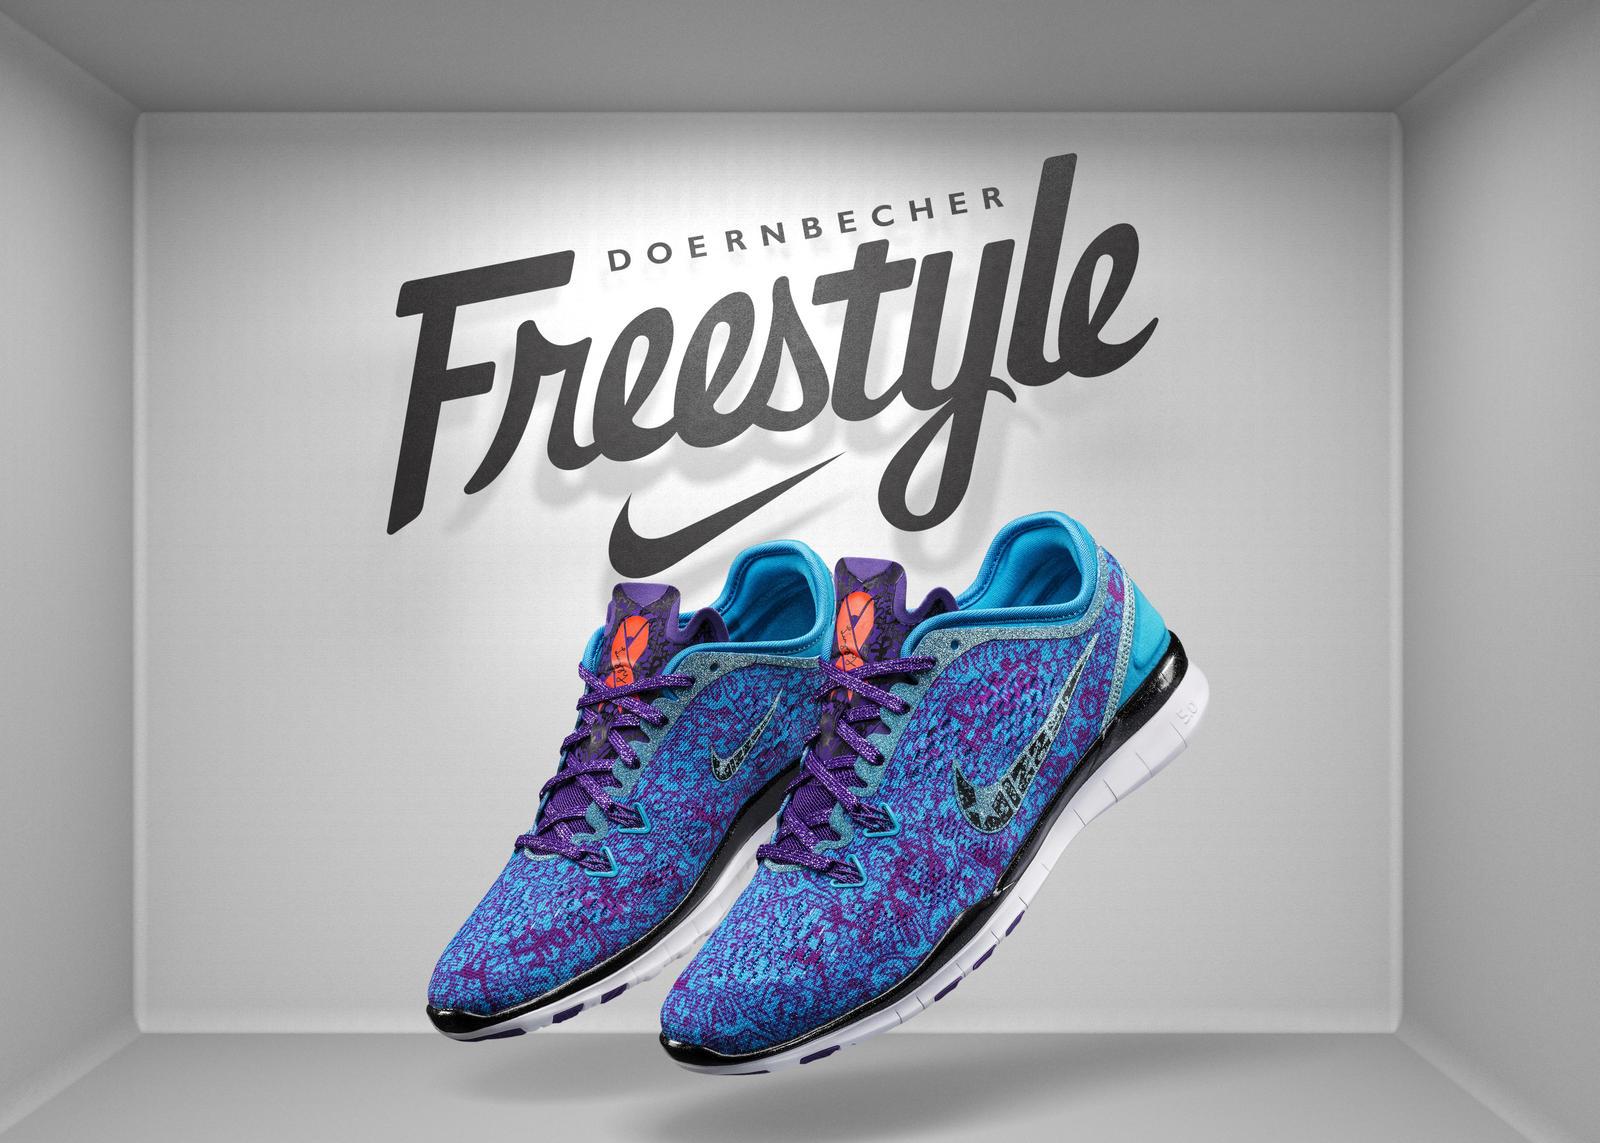 Nike_DBFS_2015_LIZZY_pair_hero_white_rectangle_1600